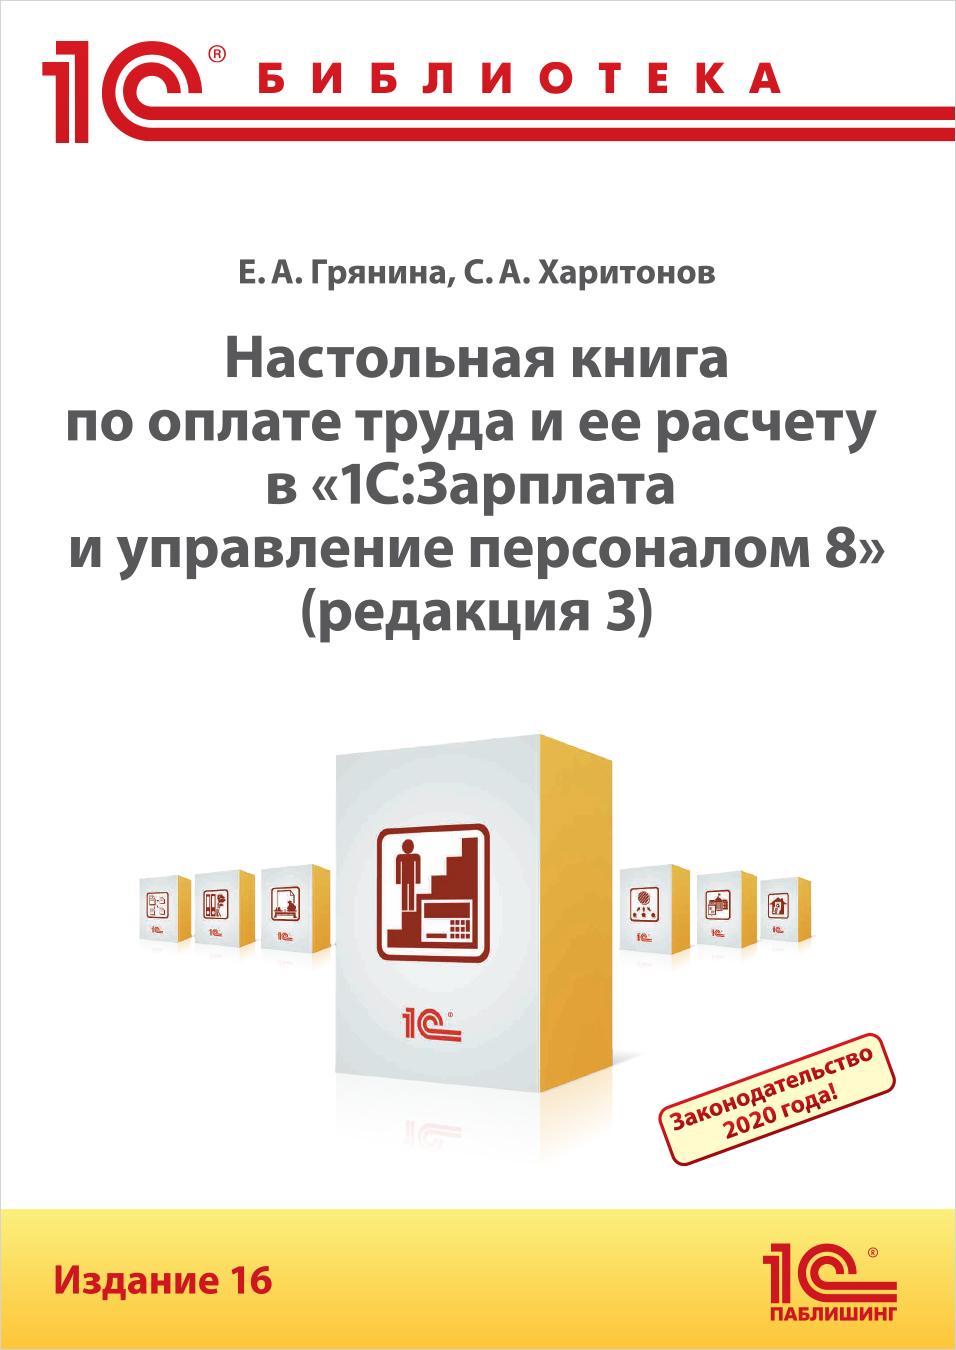 Настольная книга по оплате труда и ее расчету в 1С:Зарплата и управление персоналом 8. Издание 16